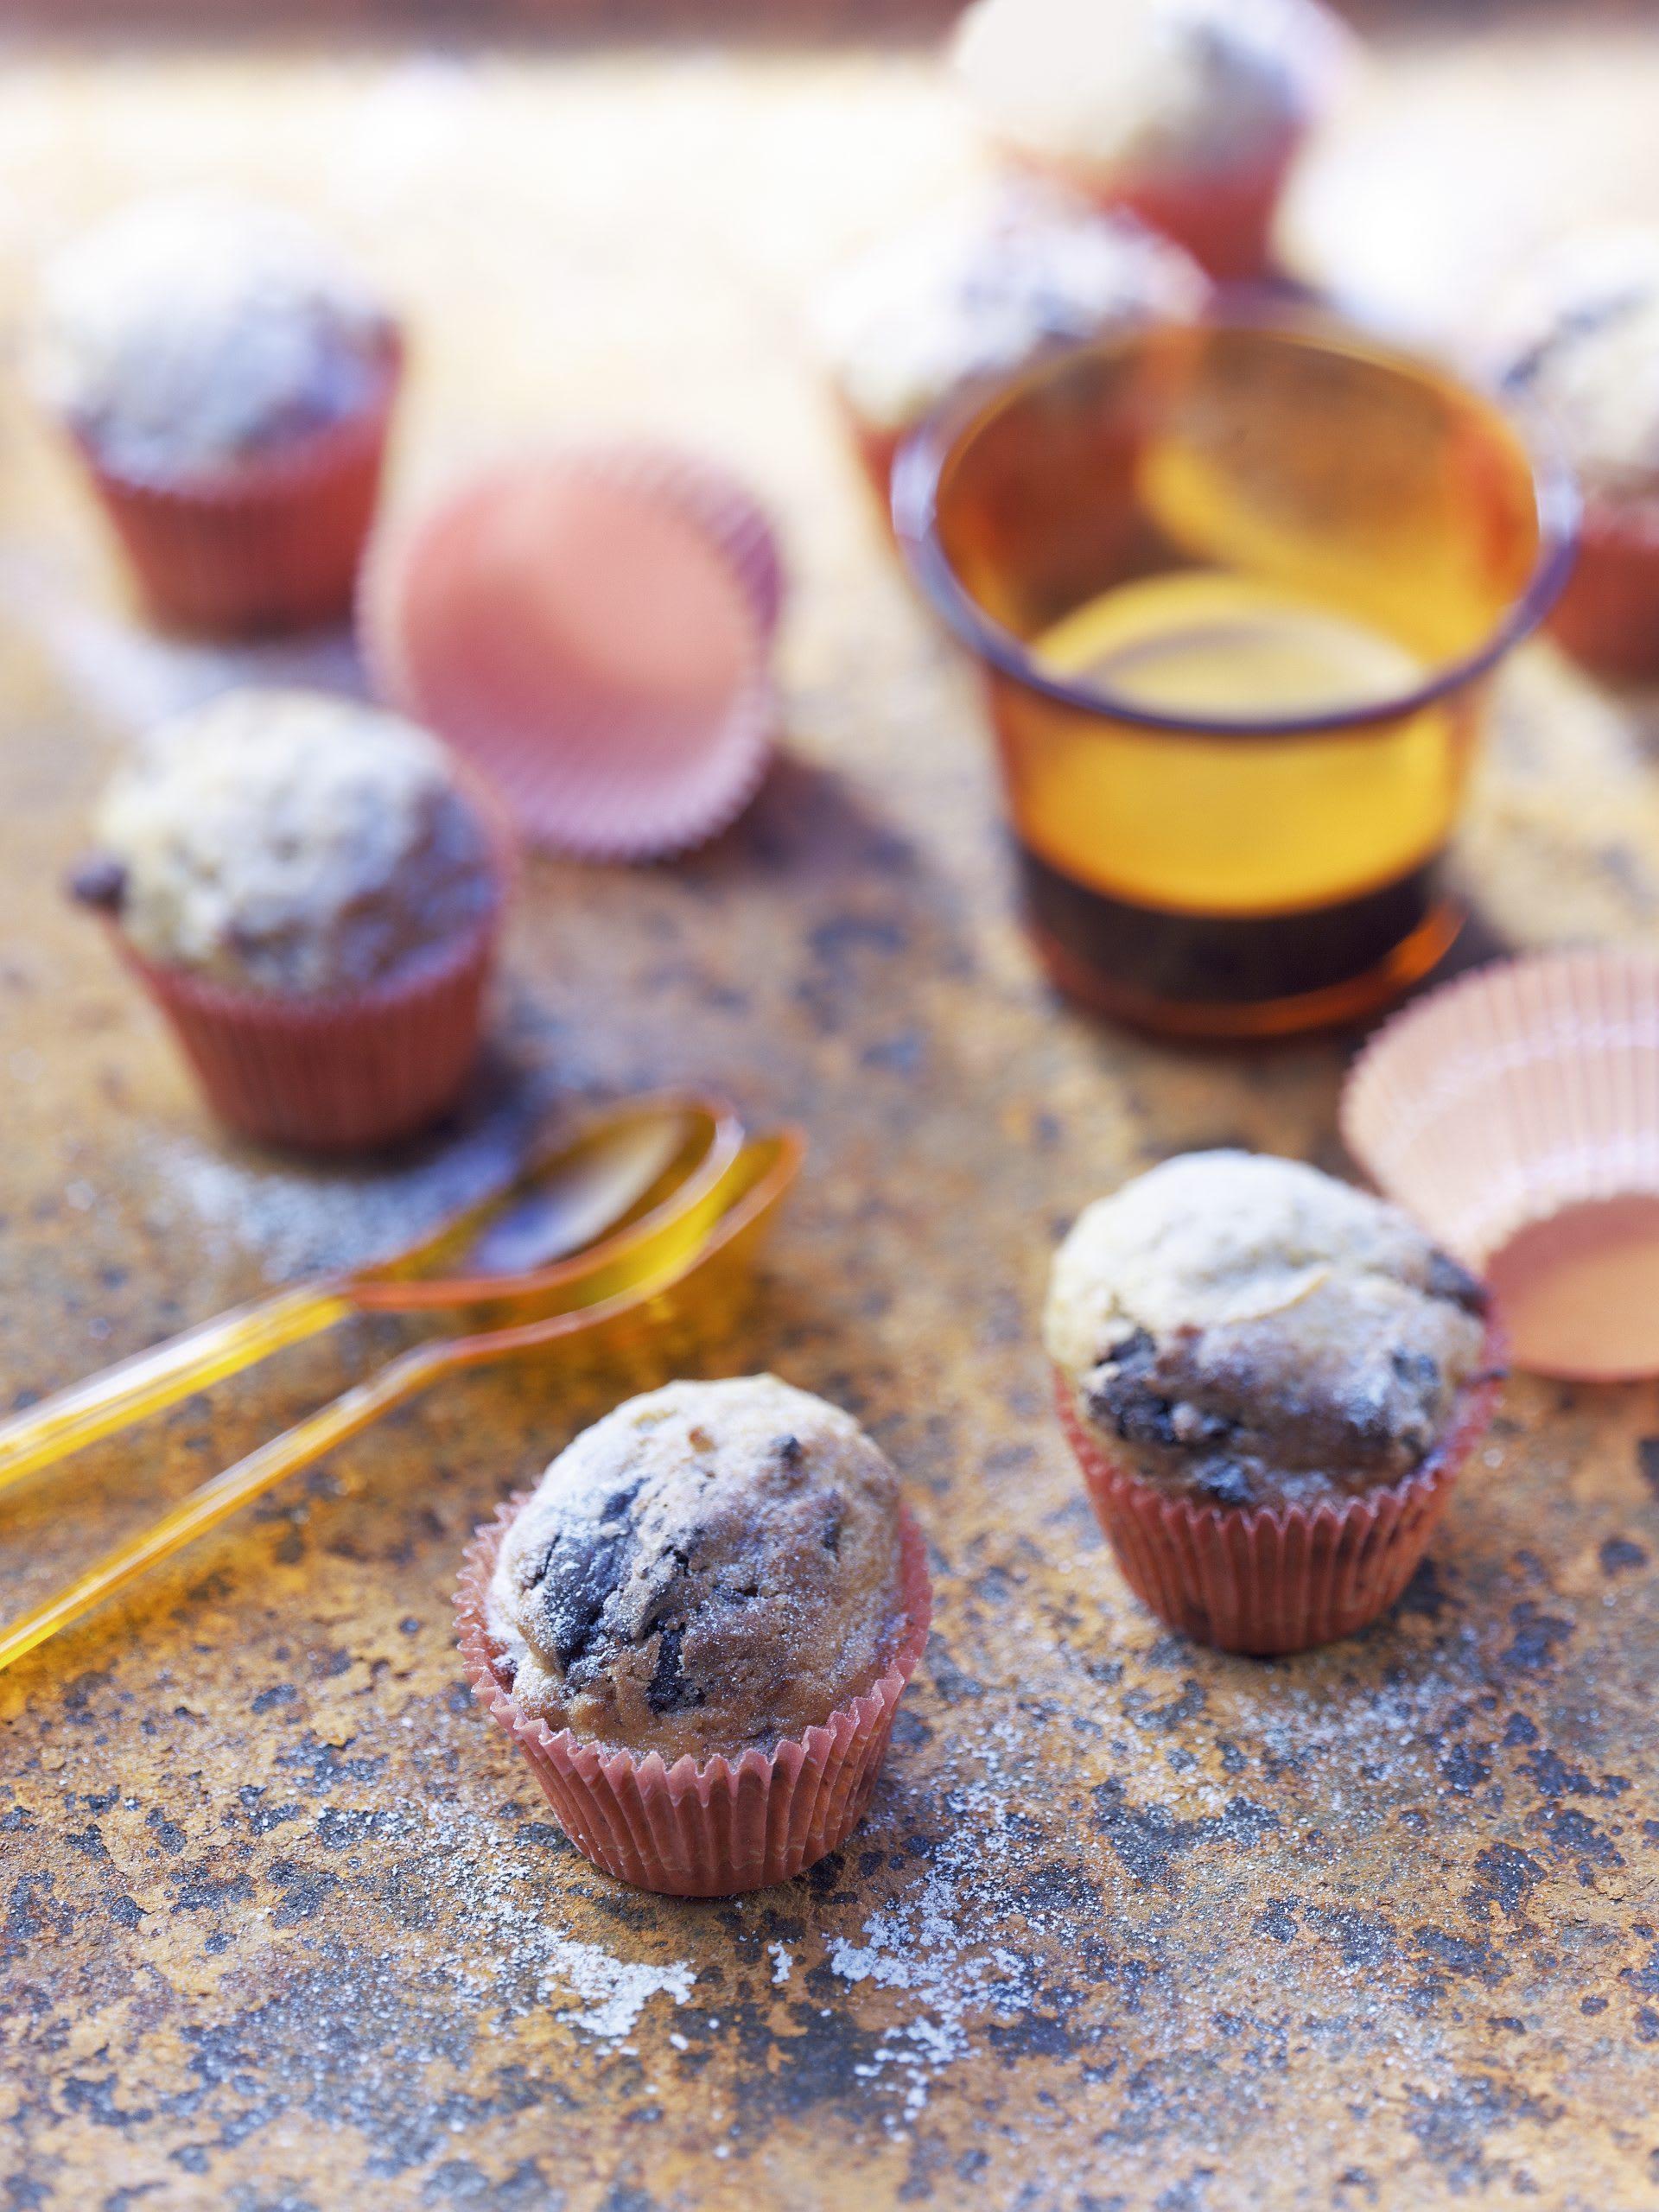 Kürbis-Muffins mit Schokolade